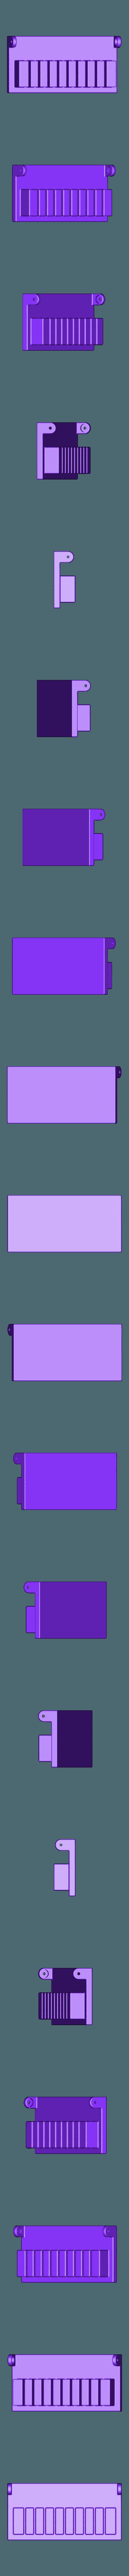 F93cd5e2 03f2 422d 97c3 1a6ce169949a